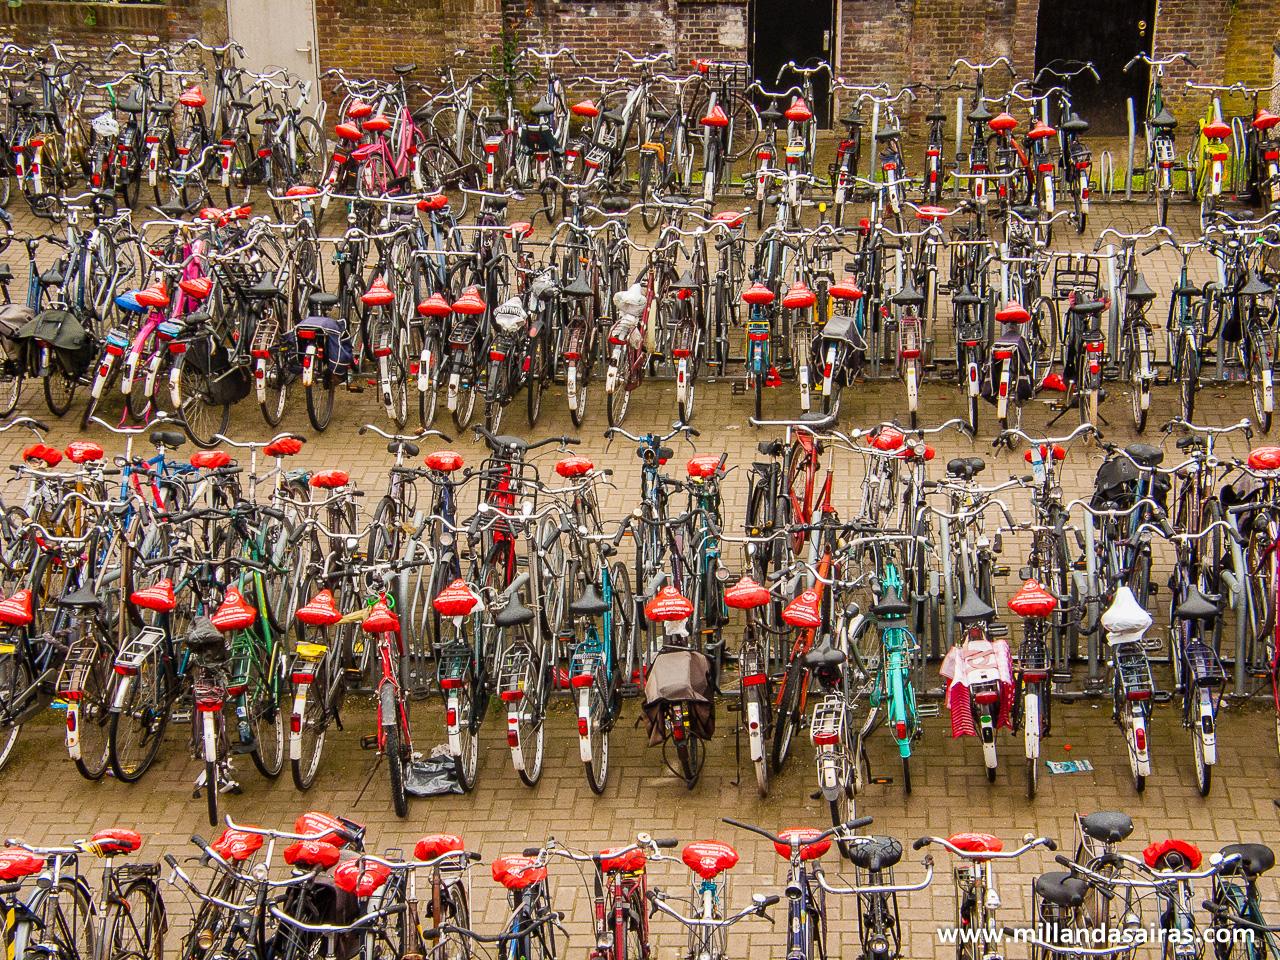 Aparcamiento de bicicletas en el centro de Arnhem